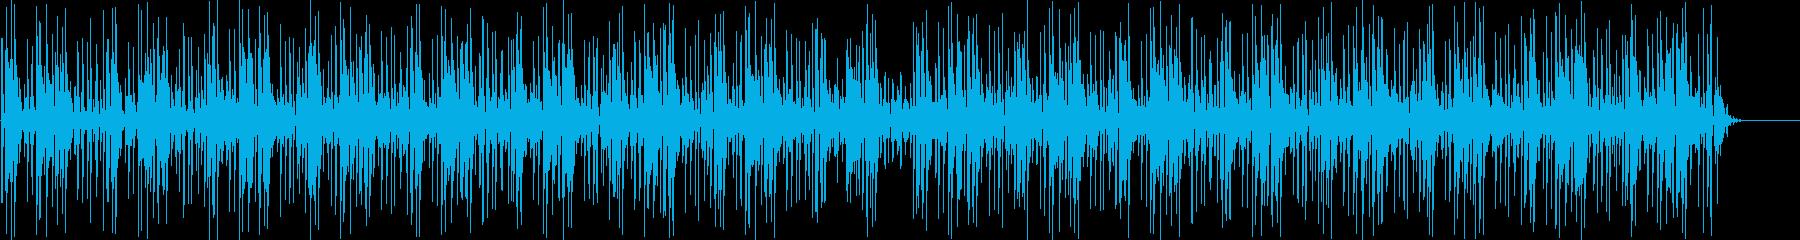 映像向けのエレクトロニック系BGMの再生済みの波形